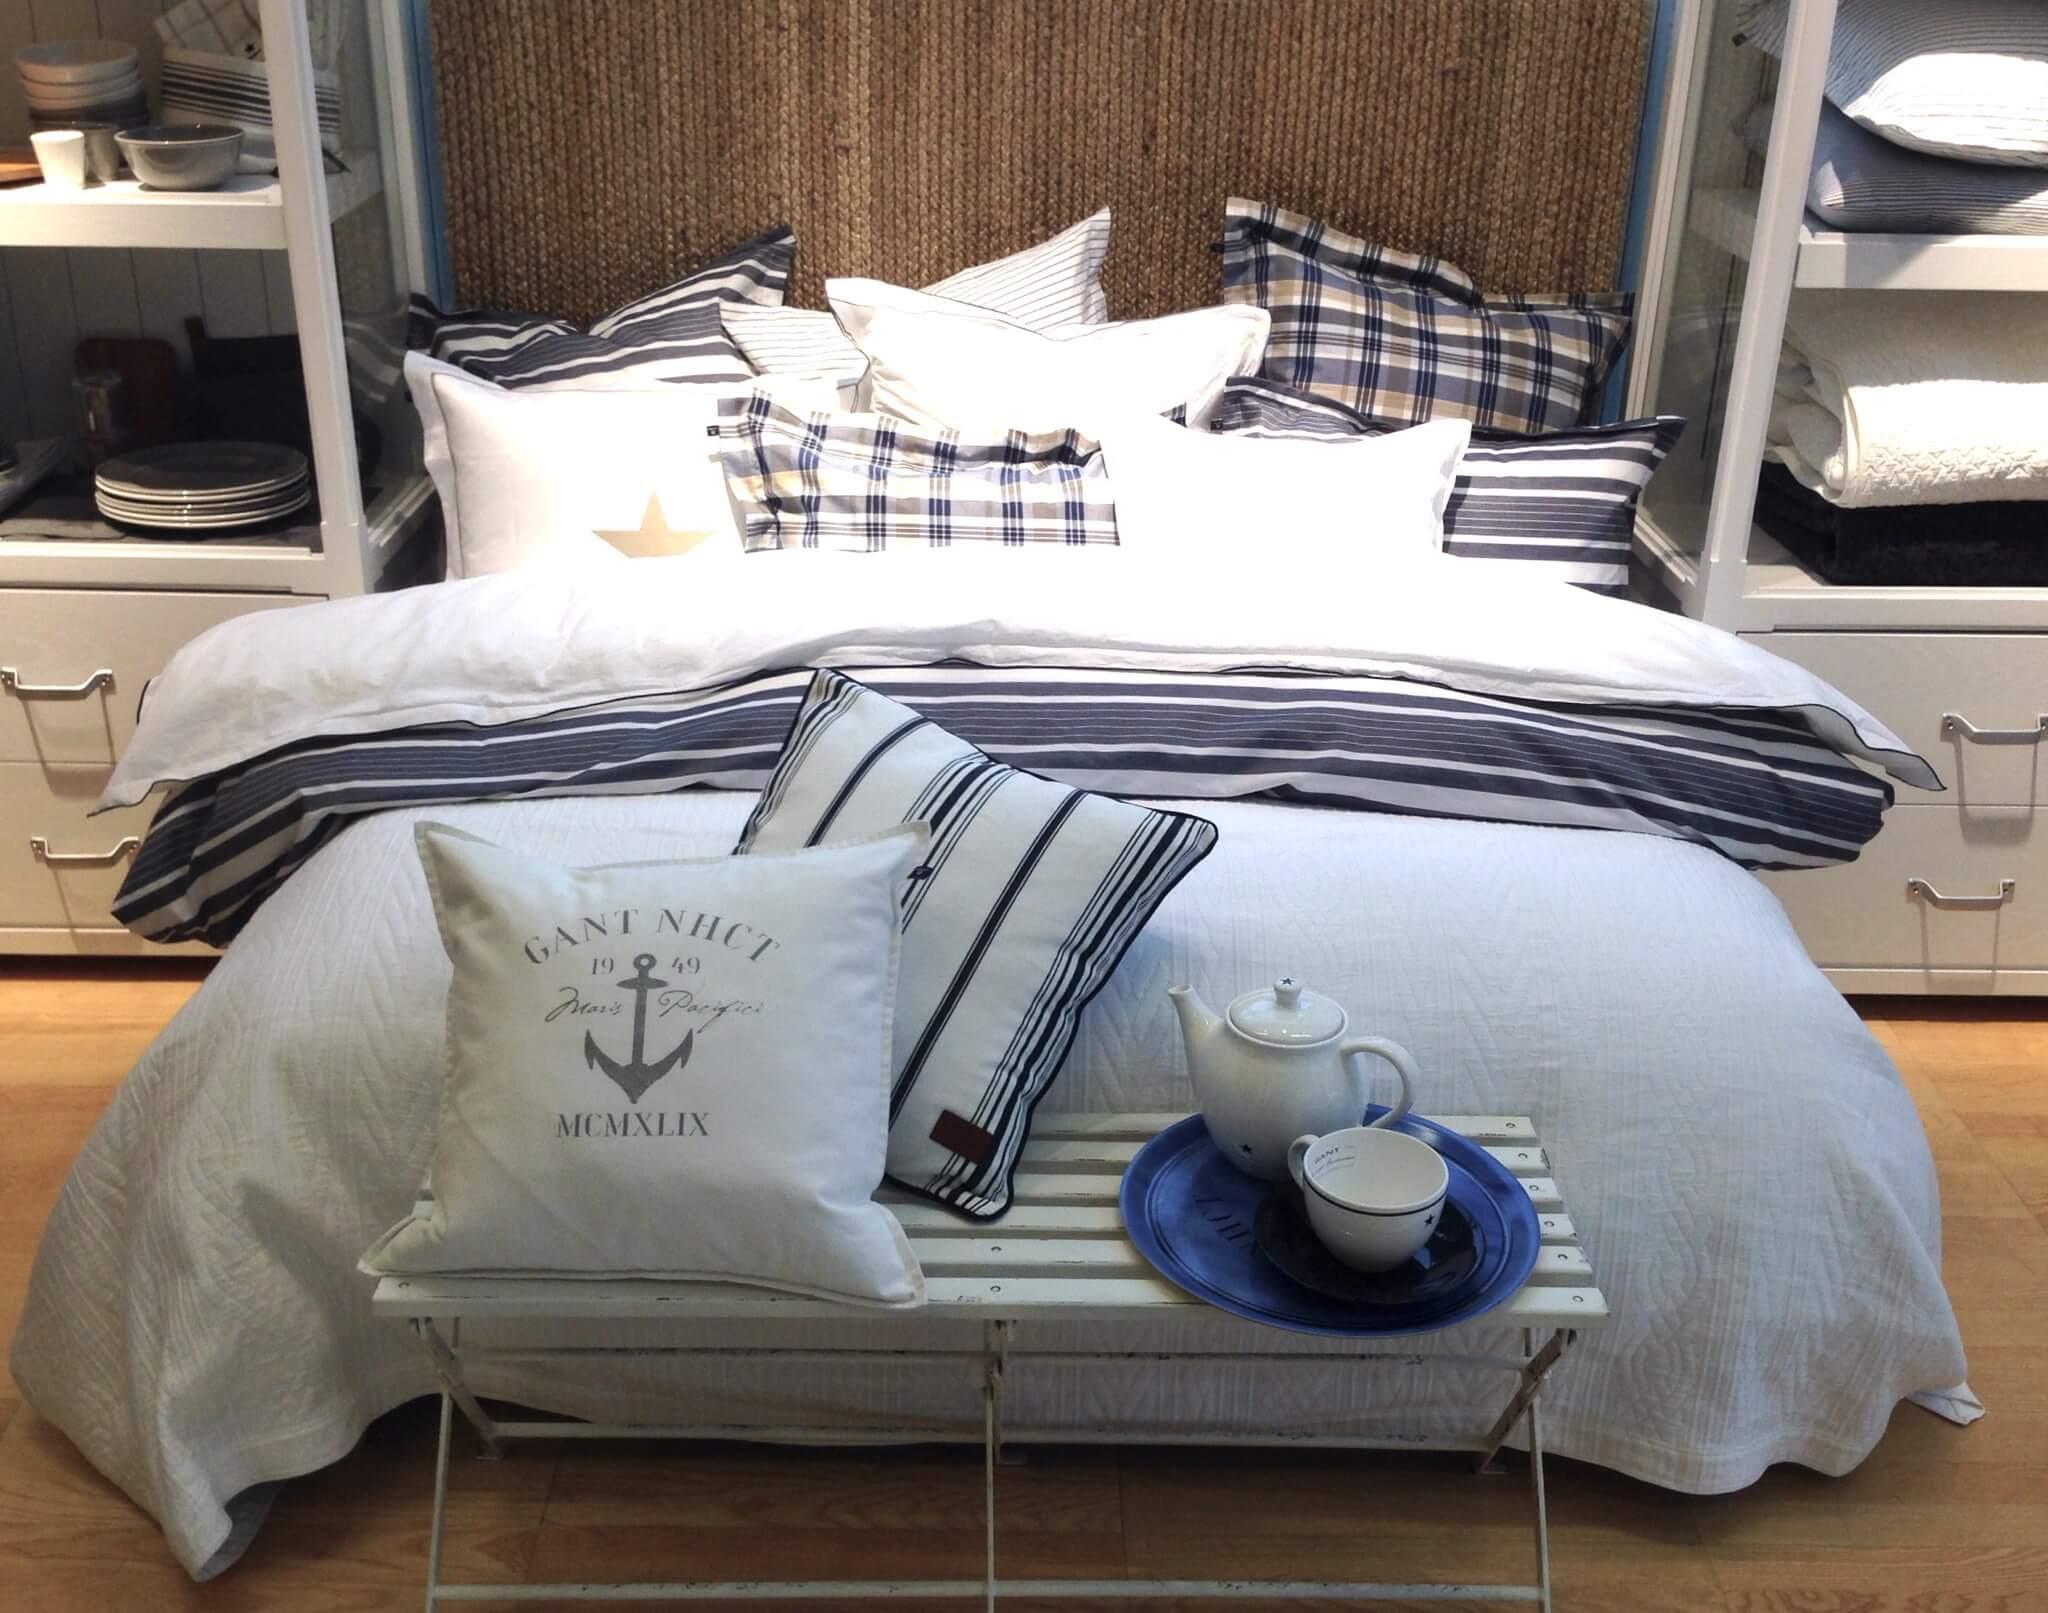 img 5108 jpg. Black Bedroom Furniture Sets. Home Design Ideas